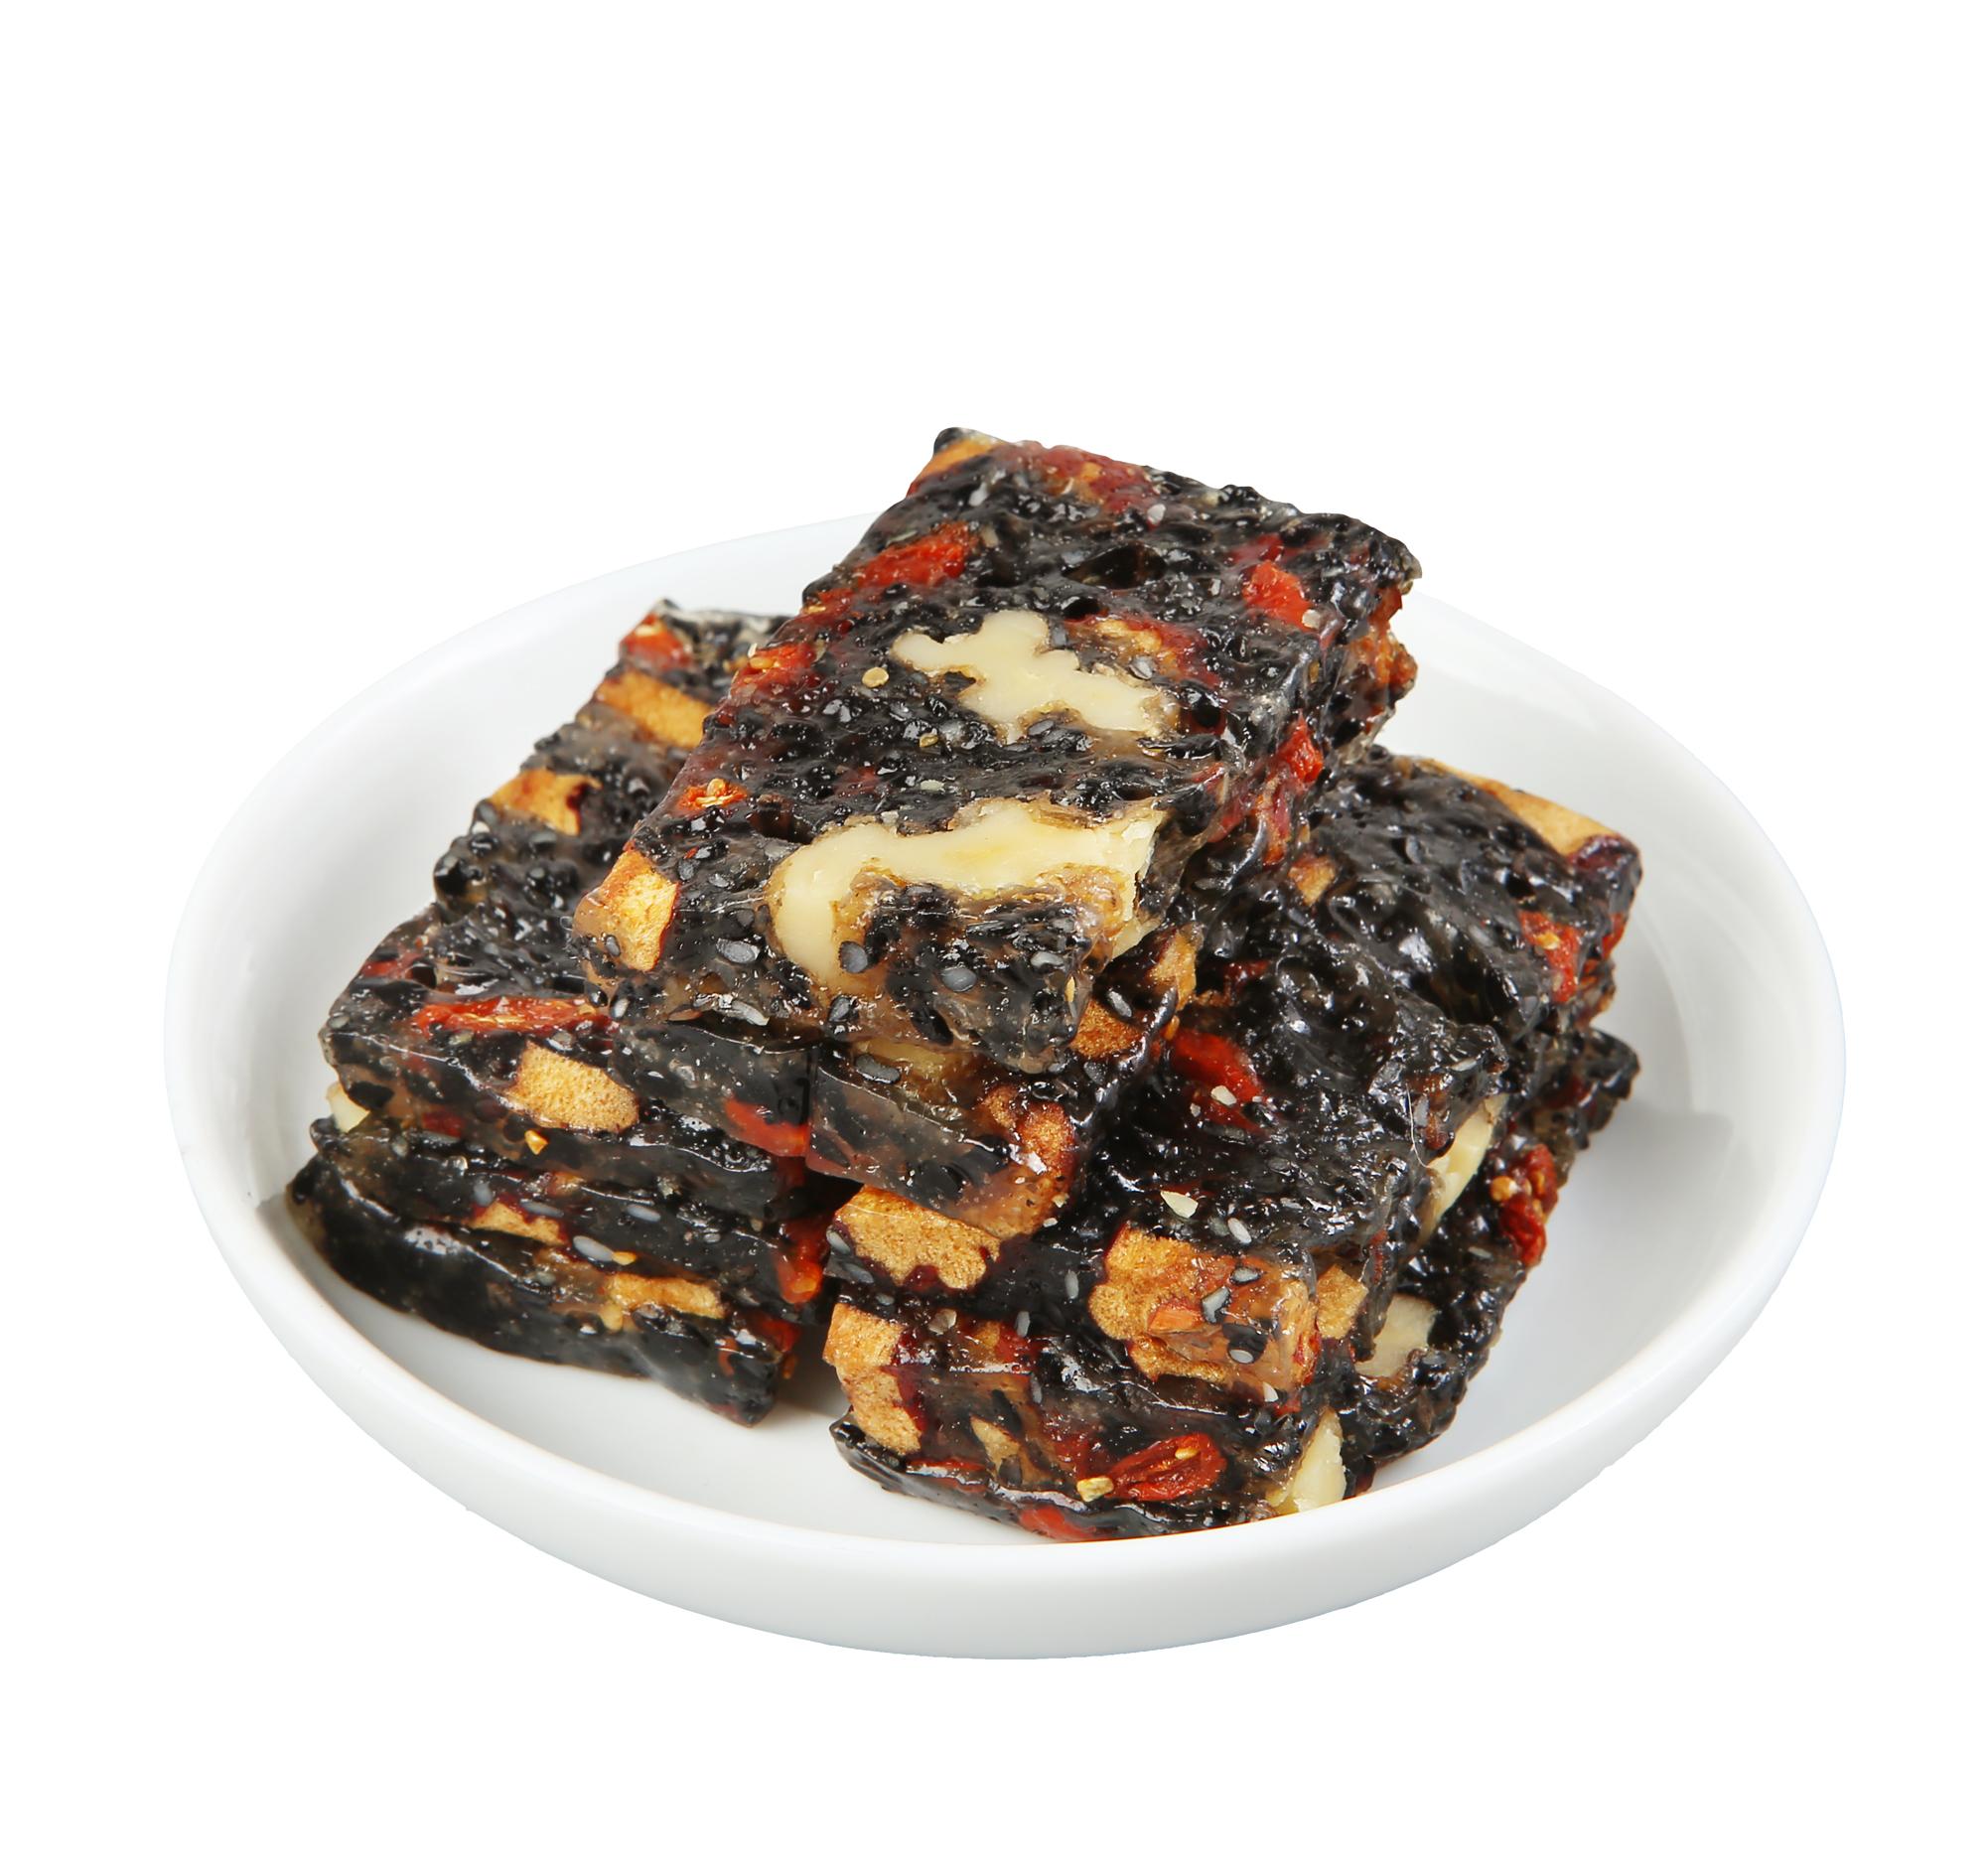 건강한 단백질 스낵 혼합 너트 식품 소프트 바 호두 캔디 블랙 참깨 맛